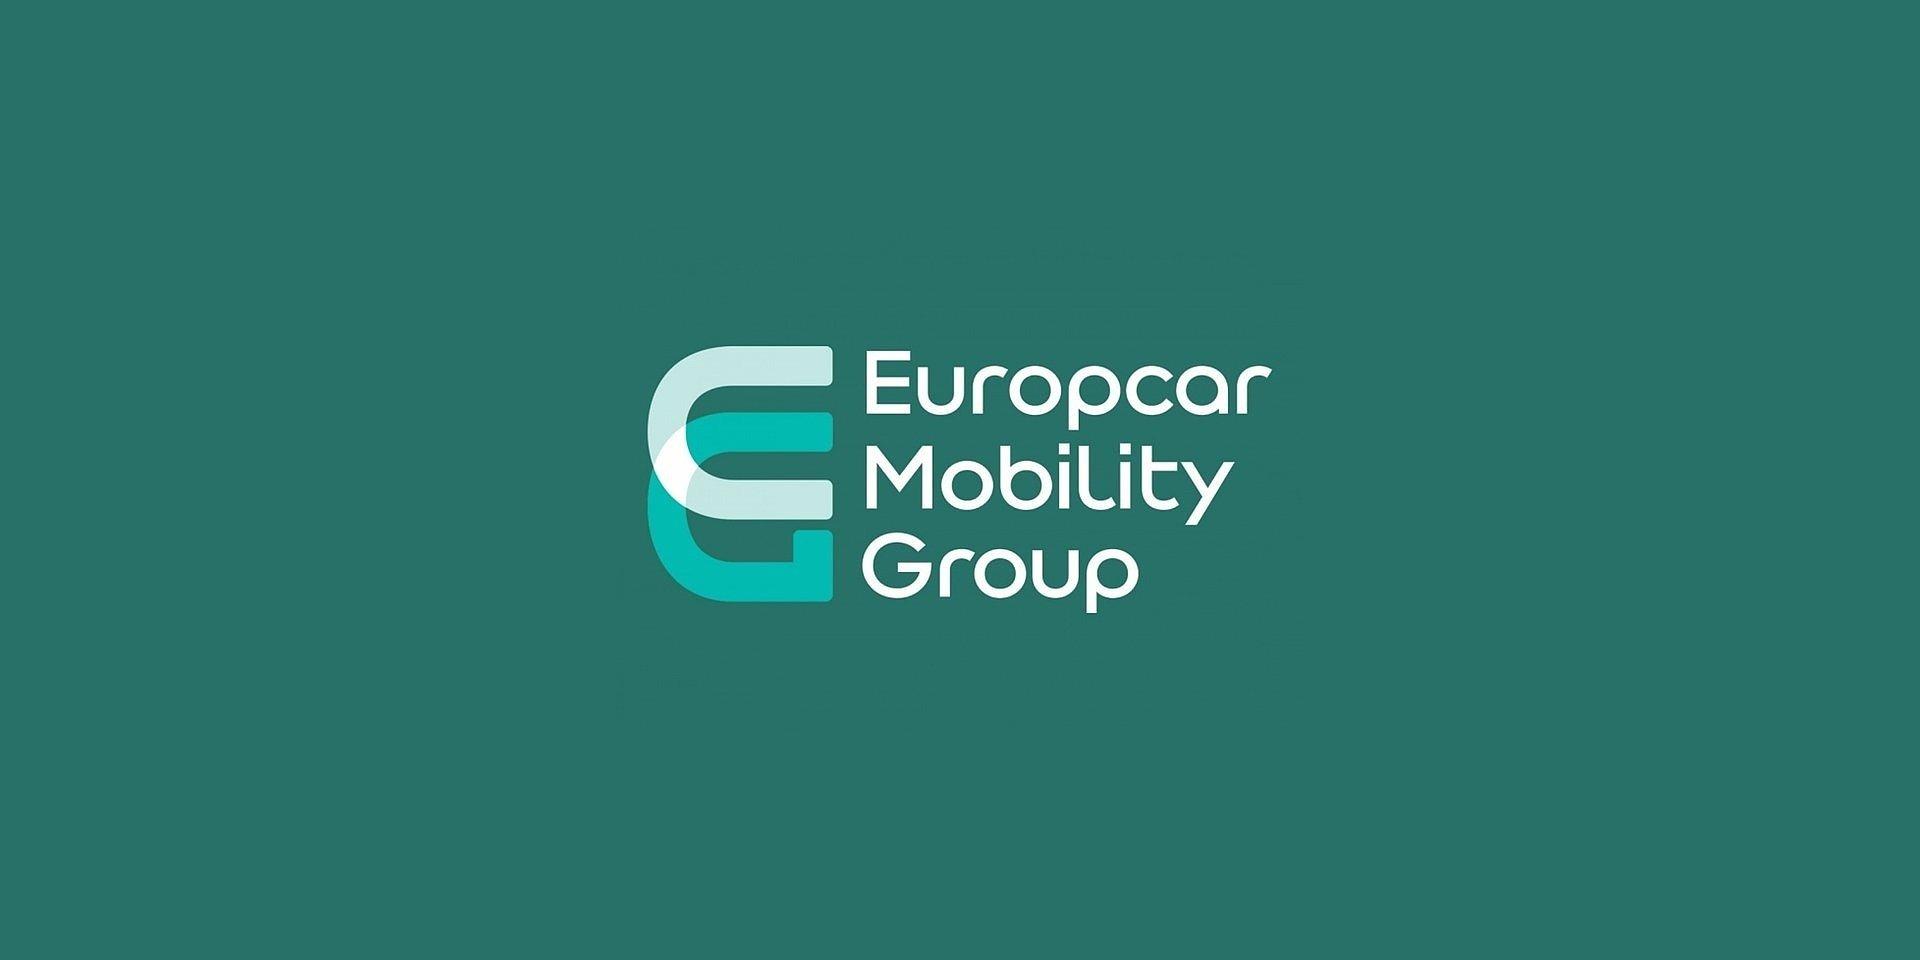 Europcar lança novo serviço que permite acesso direto ao carro sem ter de passar por uma estação